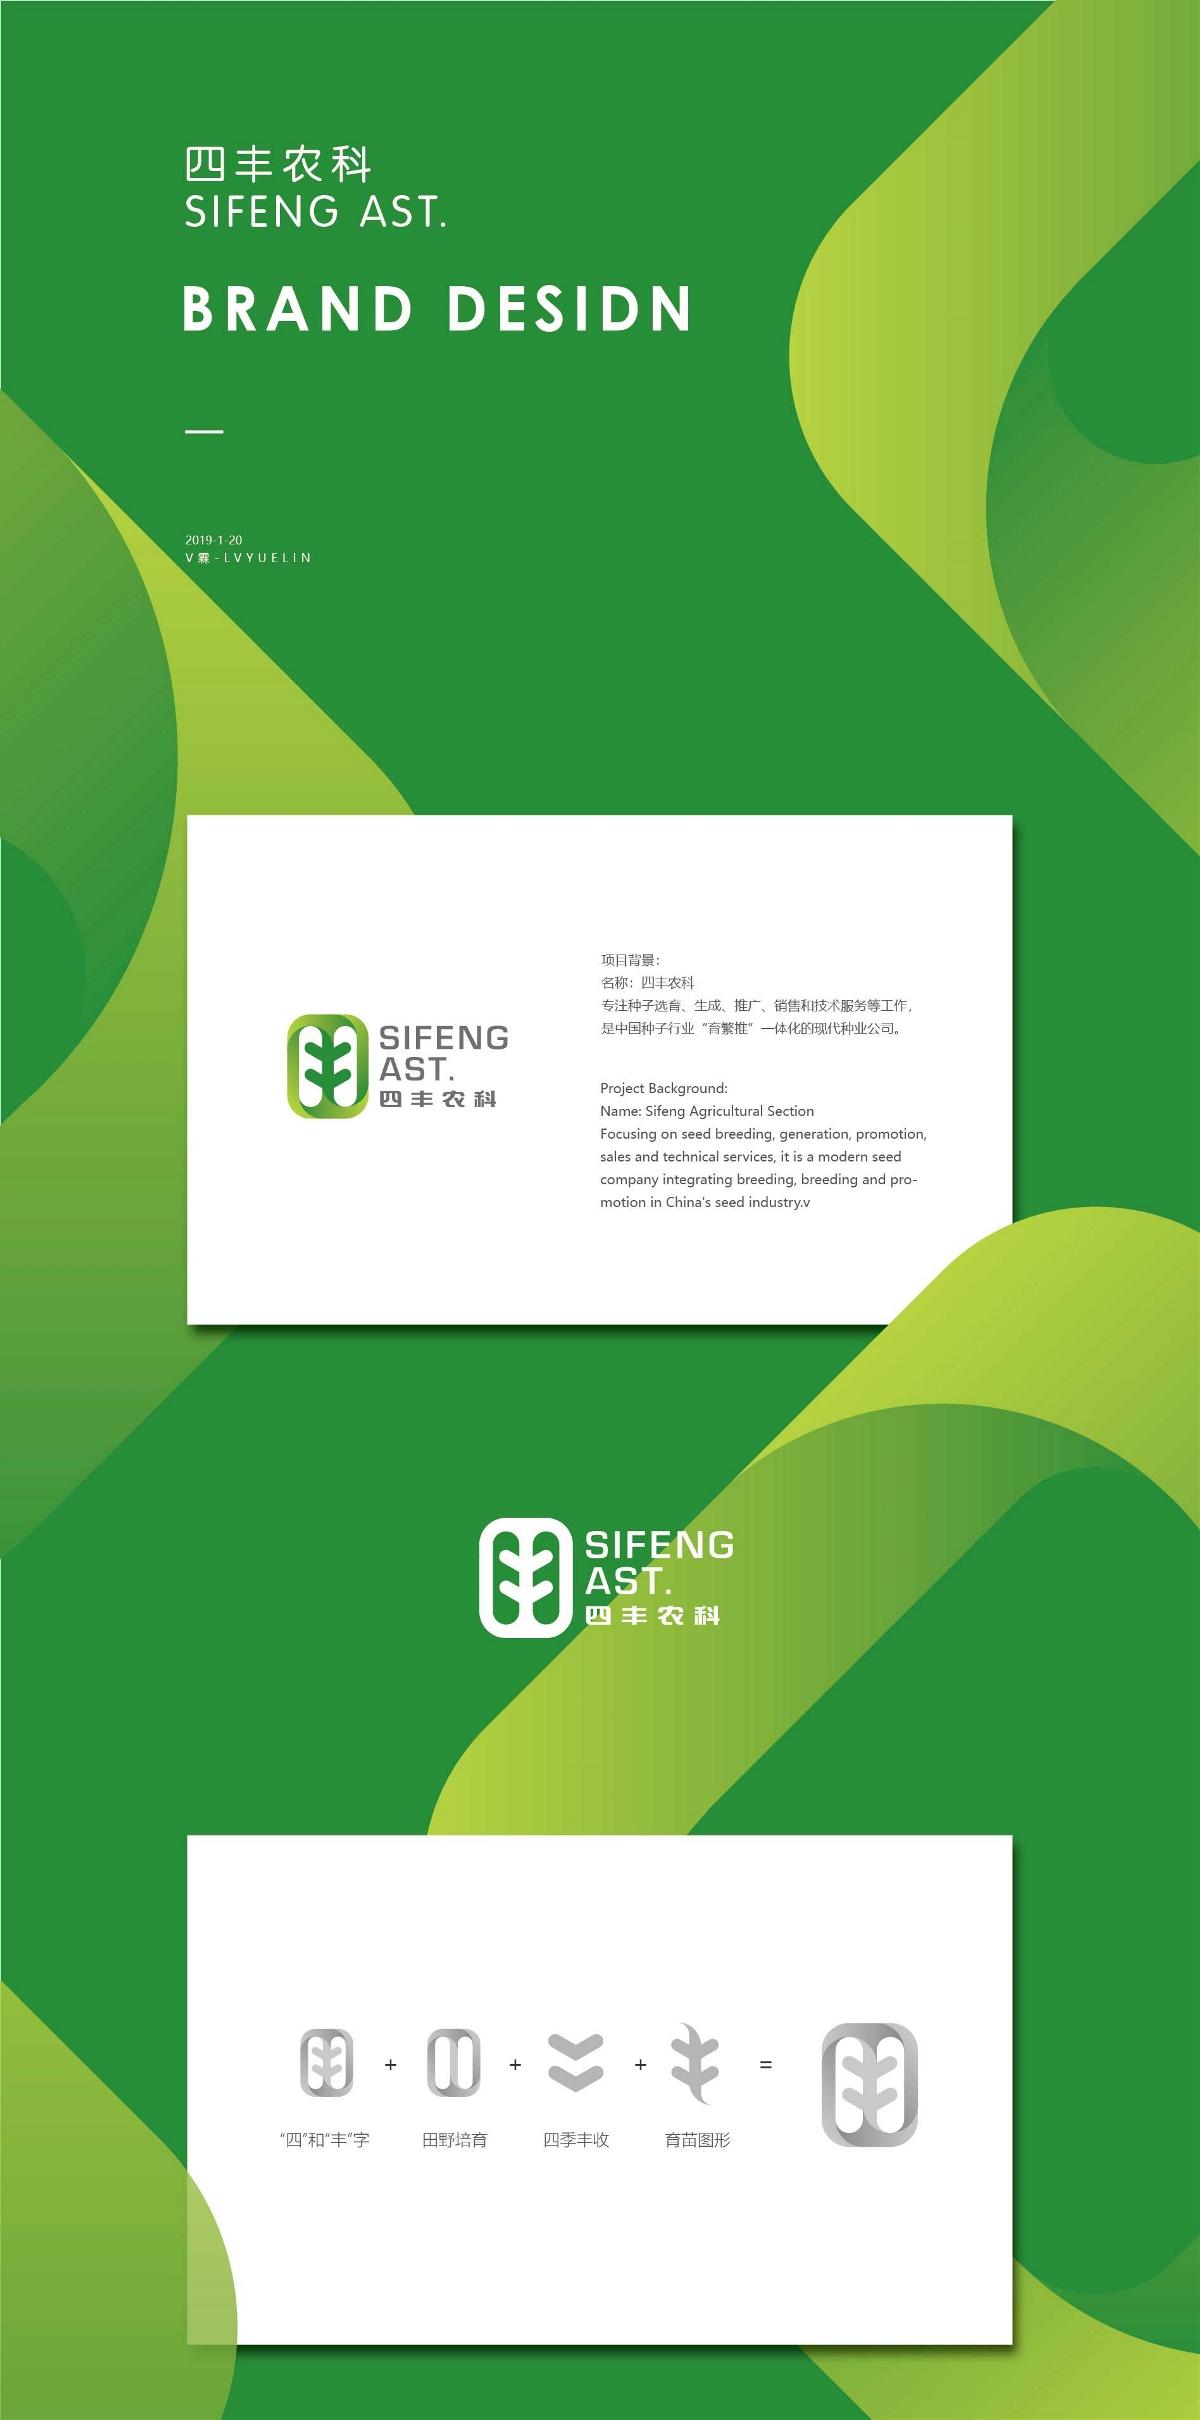 农业科技公司品牌VI设计